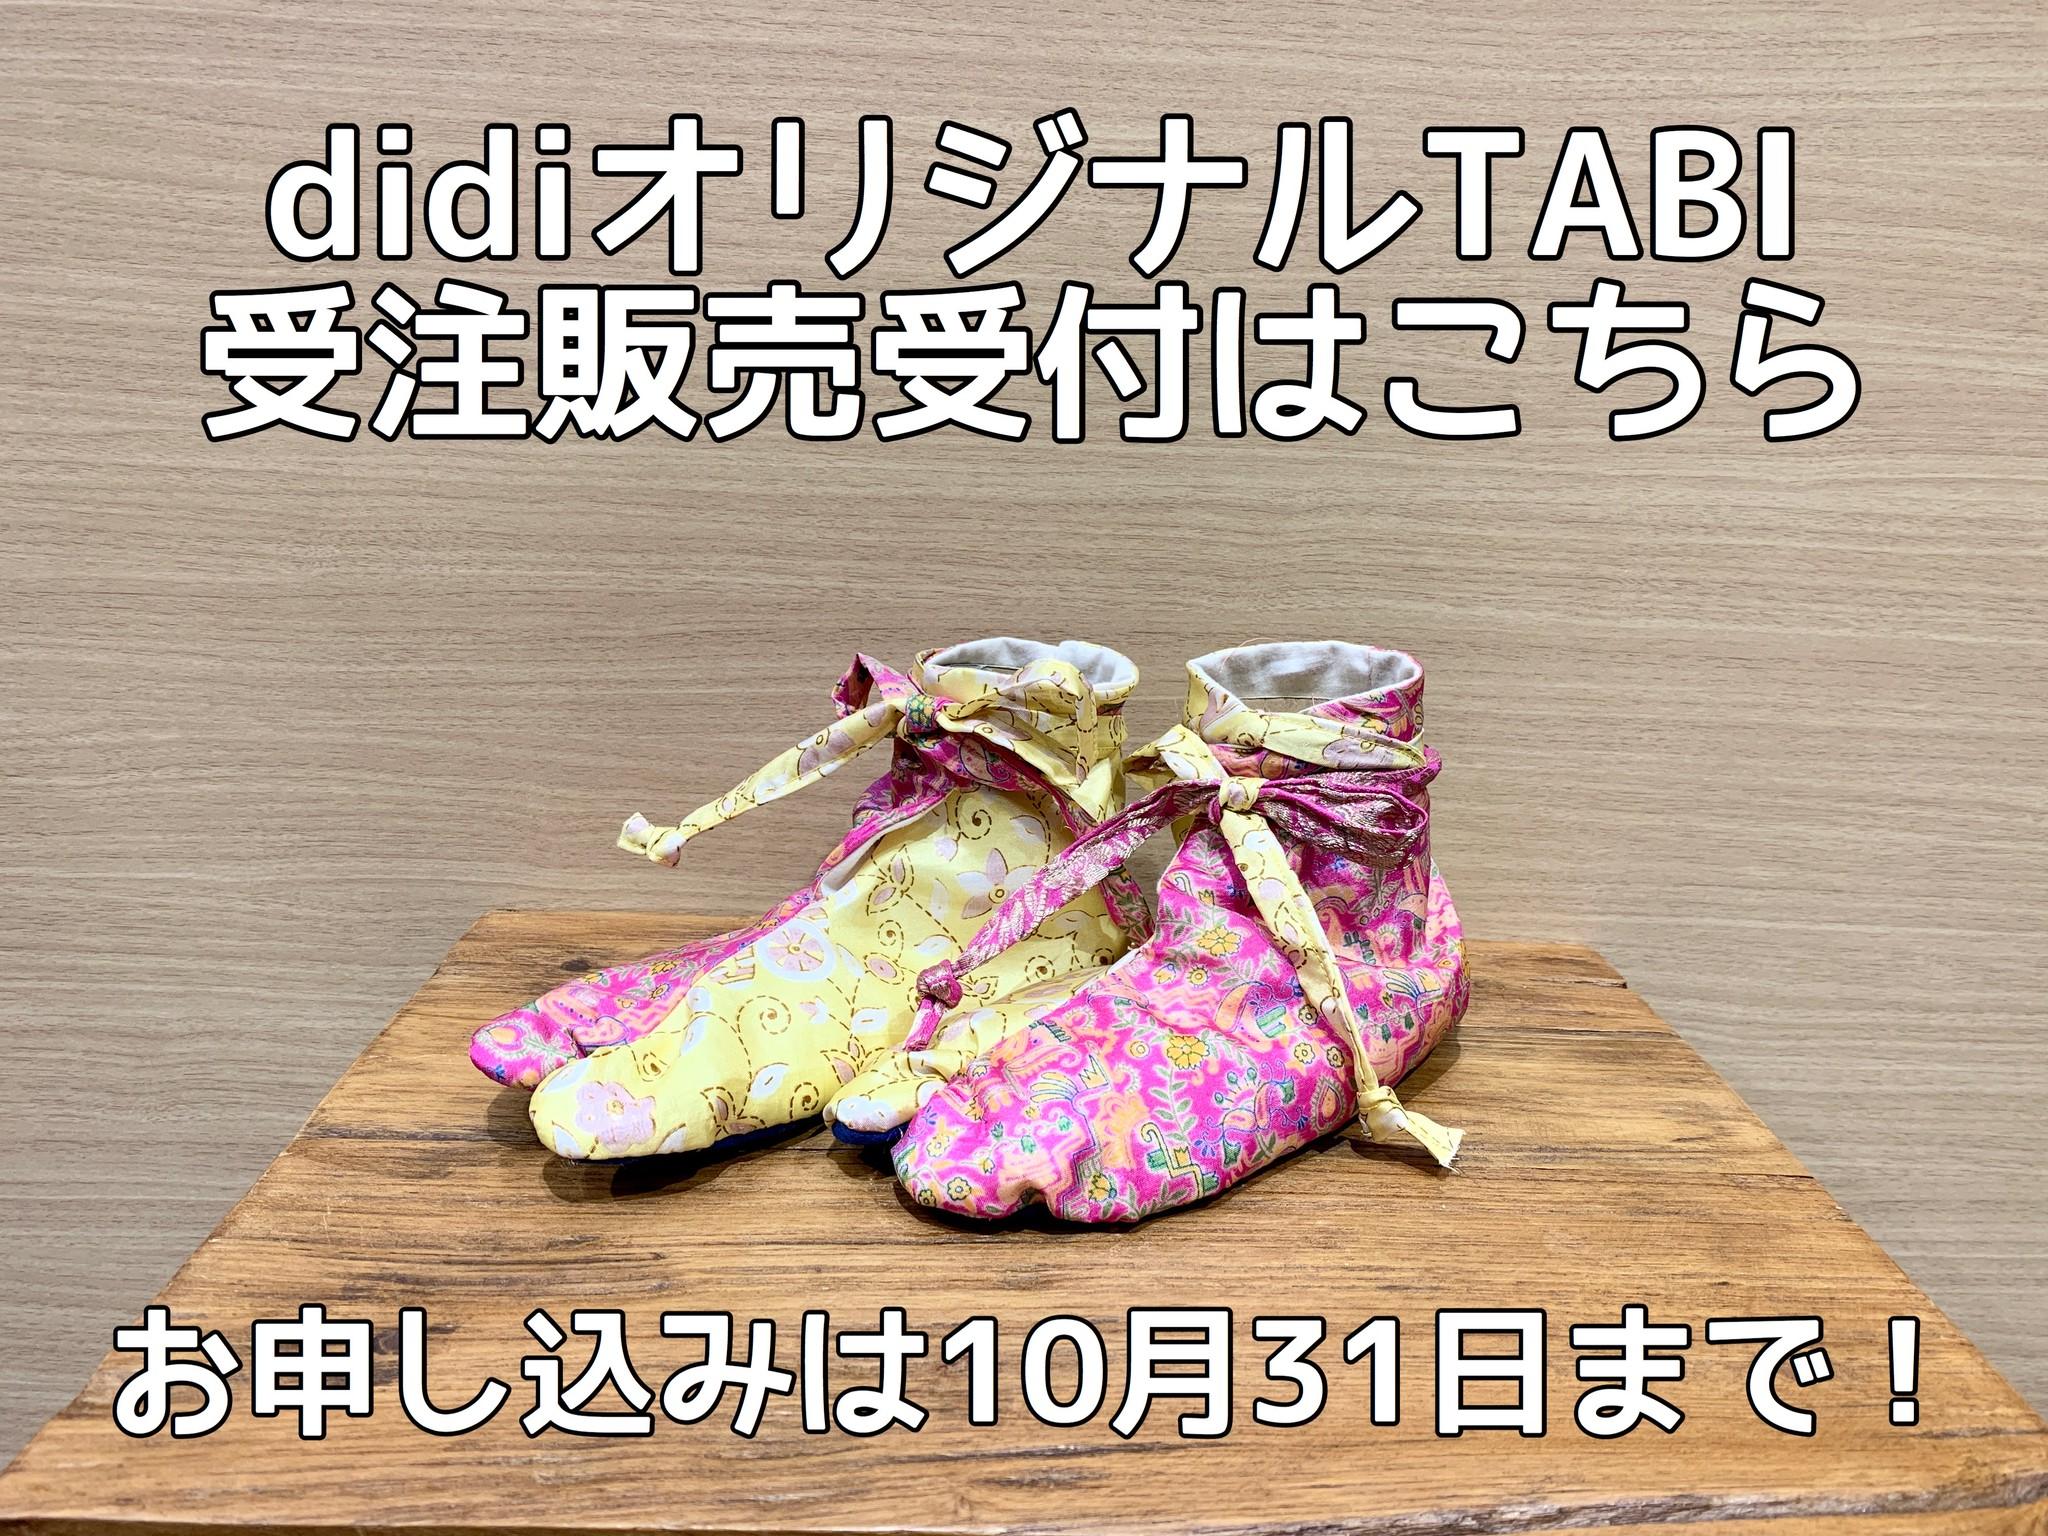 【受注販売】【〆切】didiオリジナルTABIのご注文を承ります 10月31日まで期間限定!